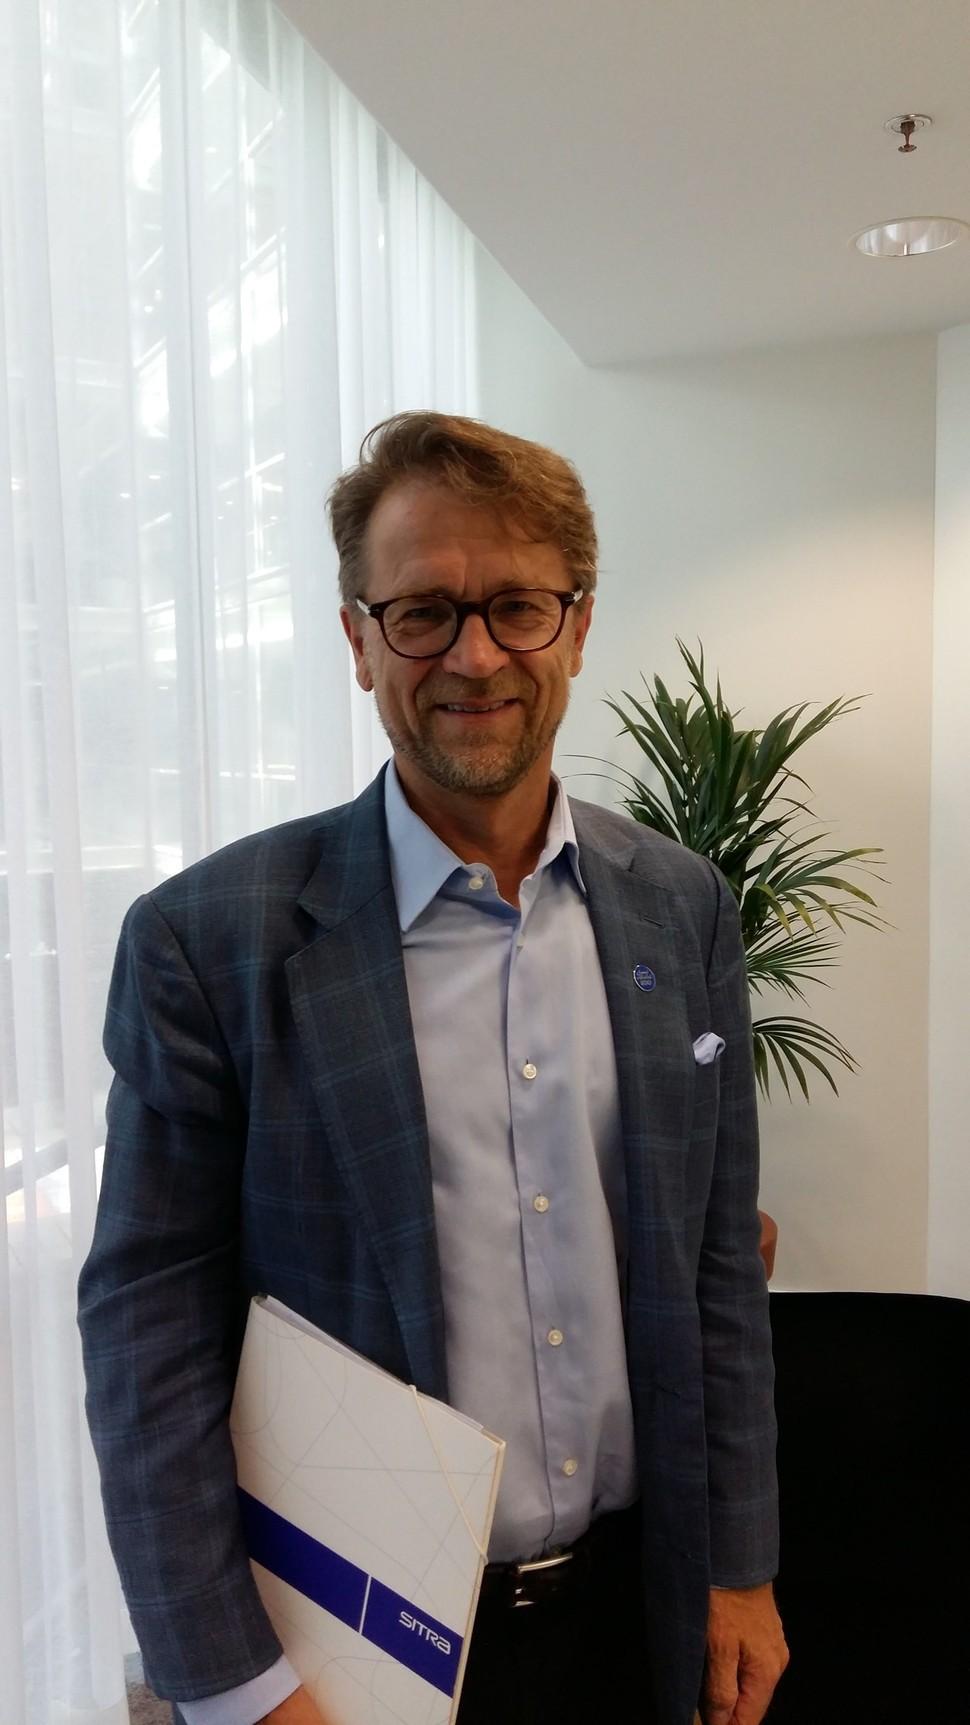 핀란드의 싱크탱크, 시트라의 소장 미코 코소넨을 김윤태 고려대 교수가 방문해 이야기를 나누었다.